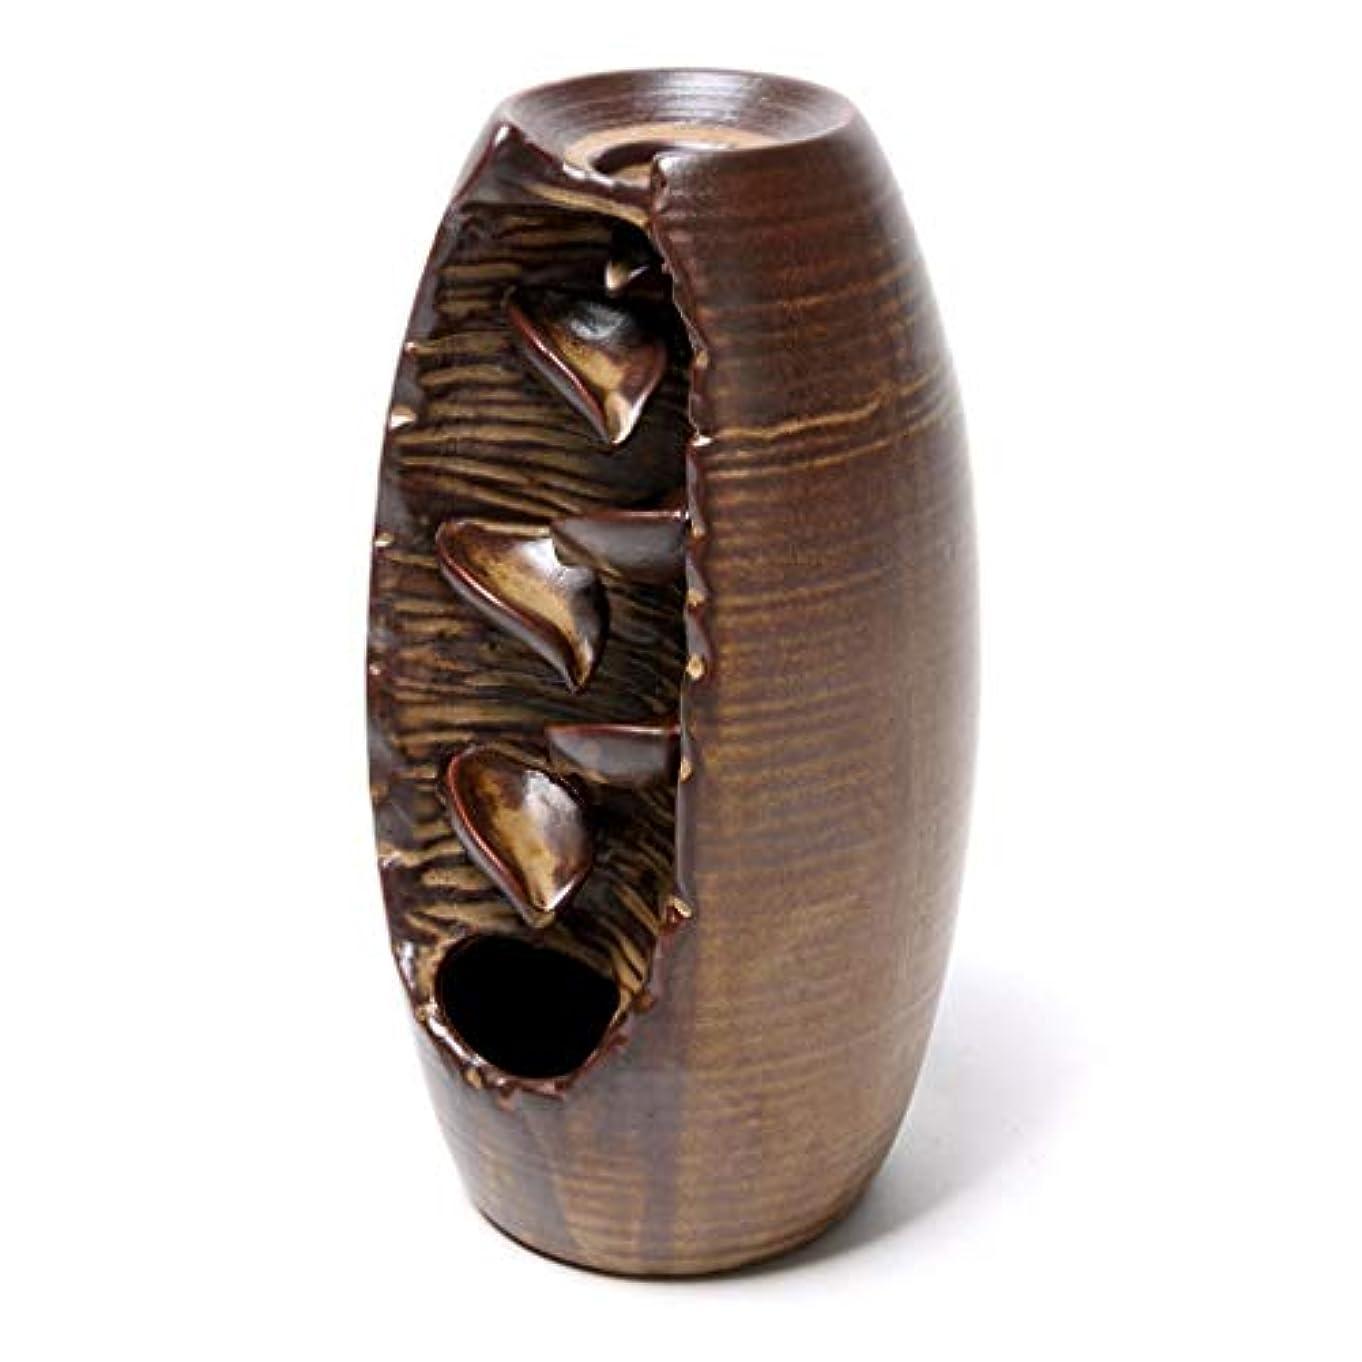 現代のスナック手紙を書くクリエイティブ逆流香バーナーセラミック香コーンバーナーホルダーホームフレグランスアロマセラピー装飾香ホルダー (Color : Brown, サイズ : 3.54*8.07 inches)